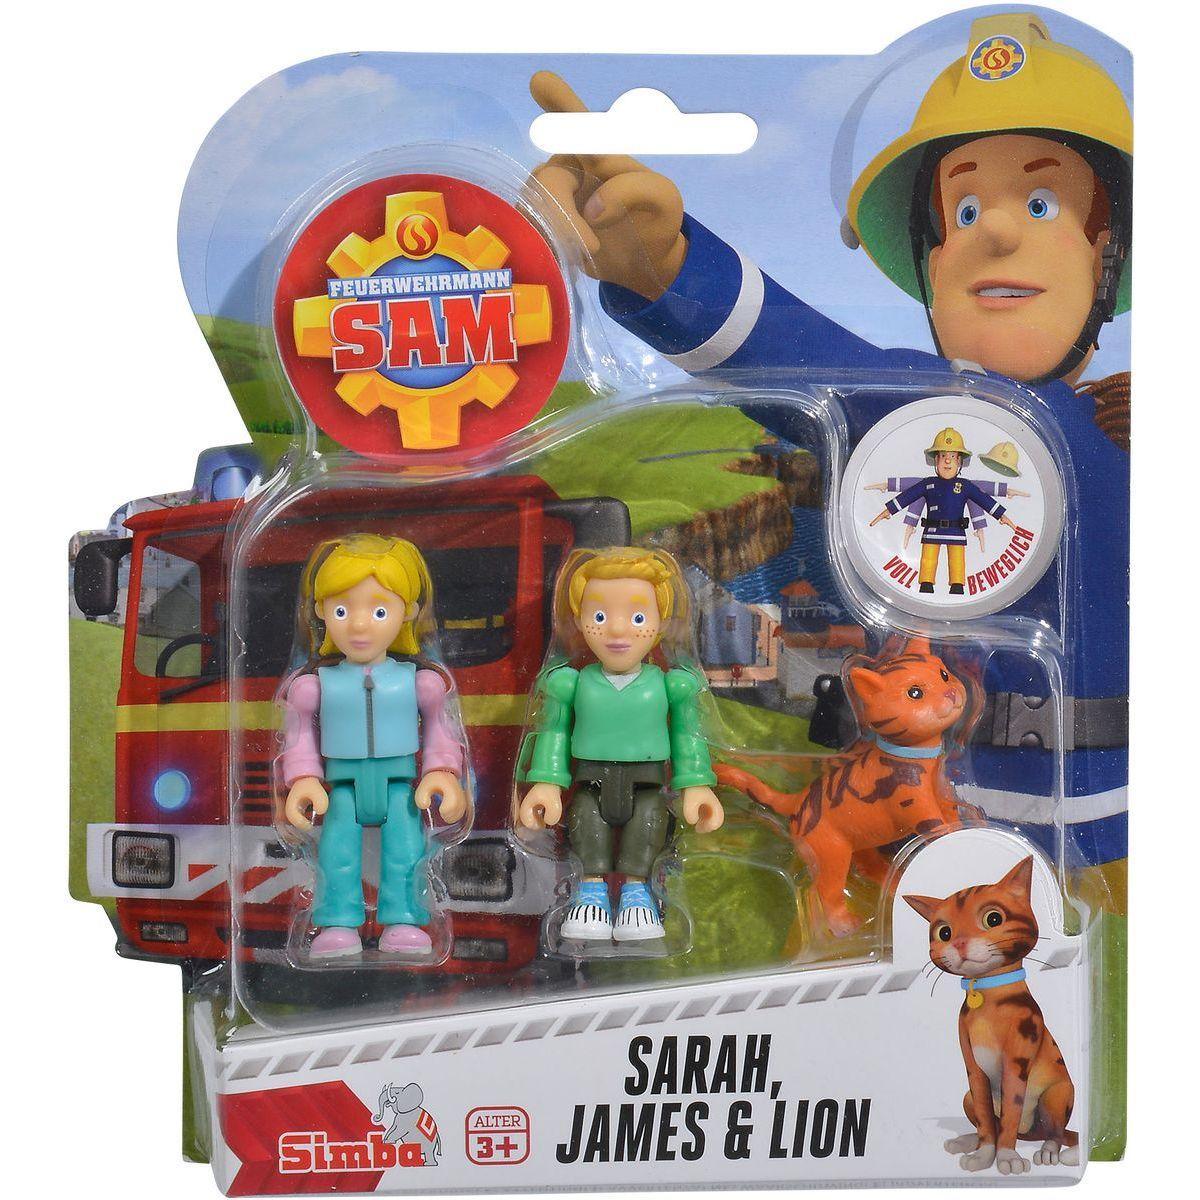 Simba Požárník Sam Figurky 2 ks s přísl. Sarah, James a Lion